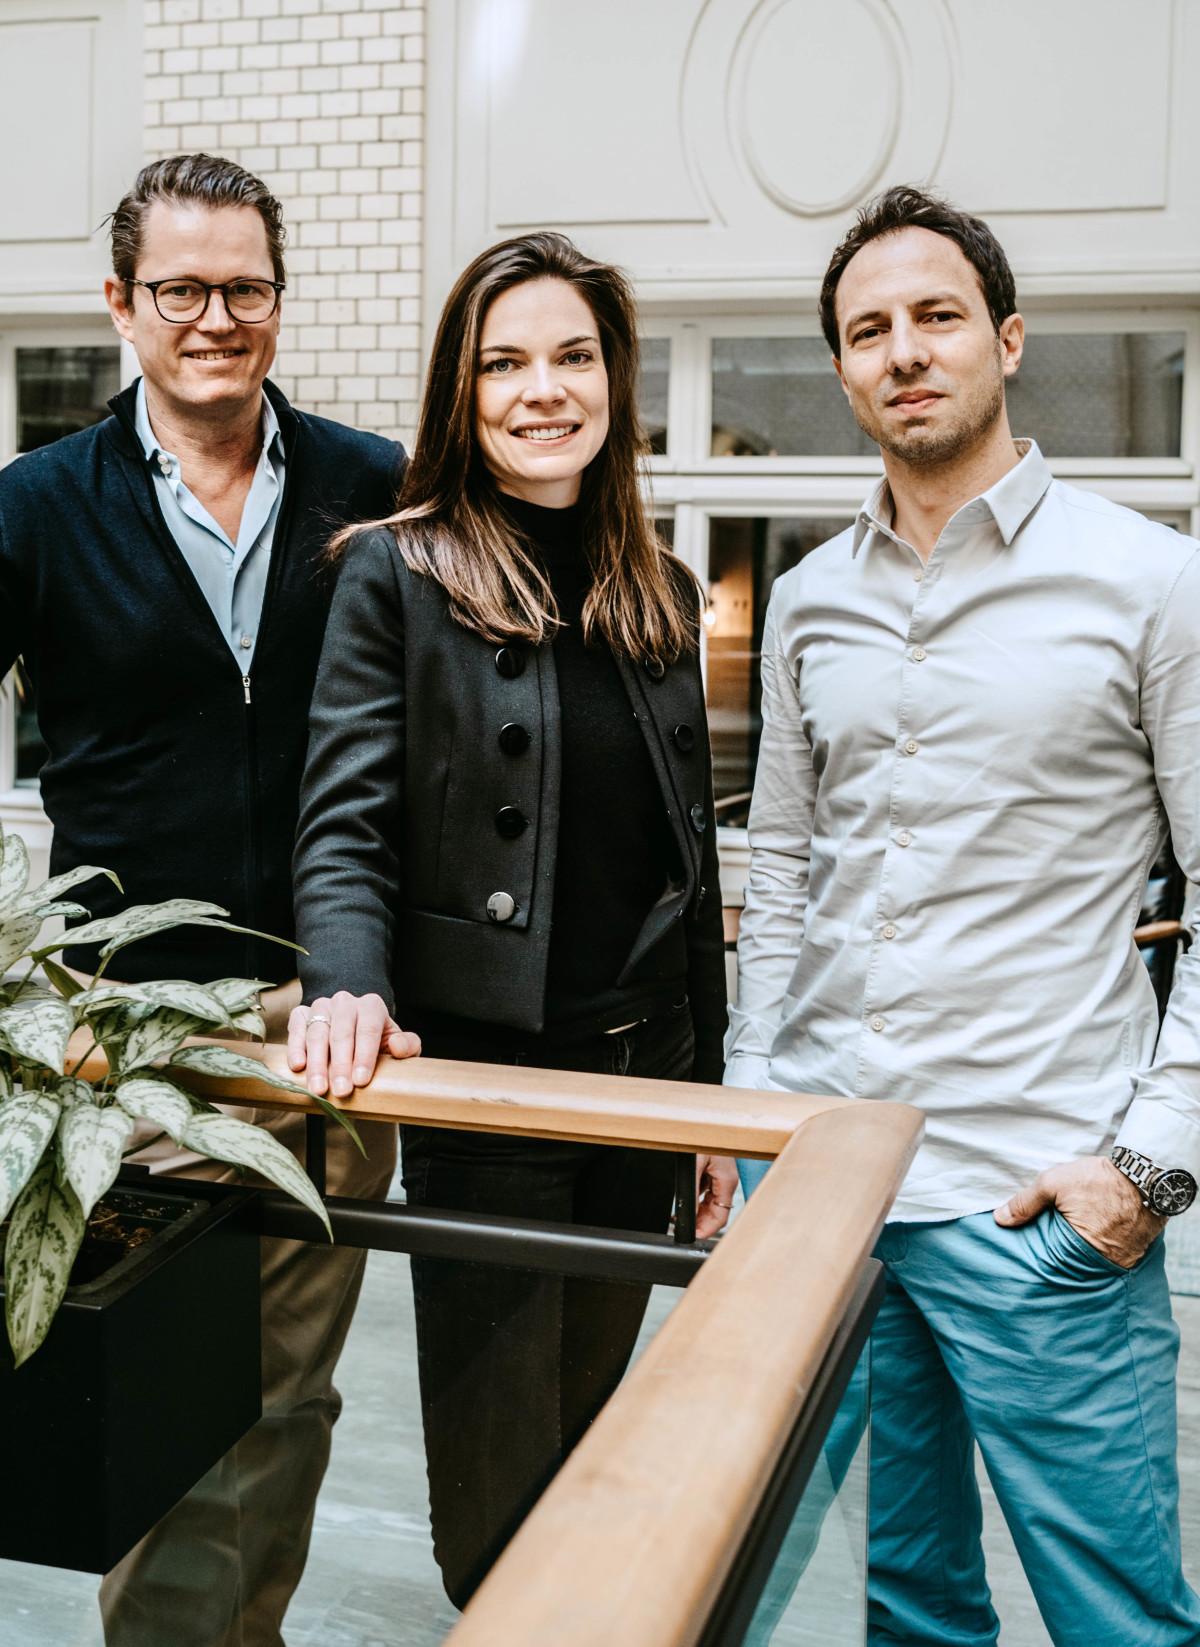 Evernest Geschäftsführung Christian Evers, Luisa Haxel und Stefan Betzold